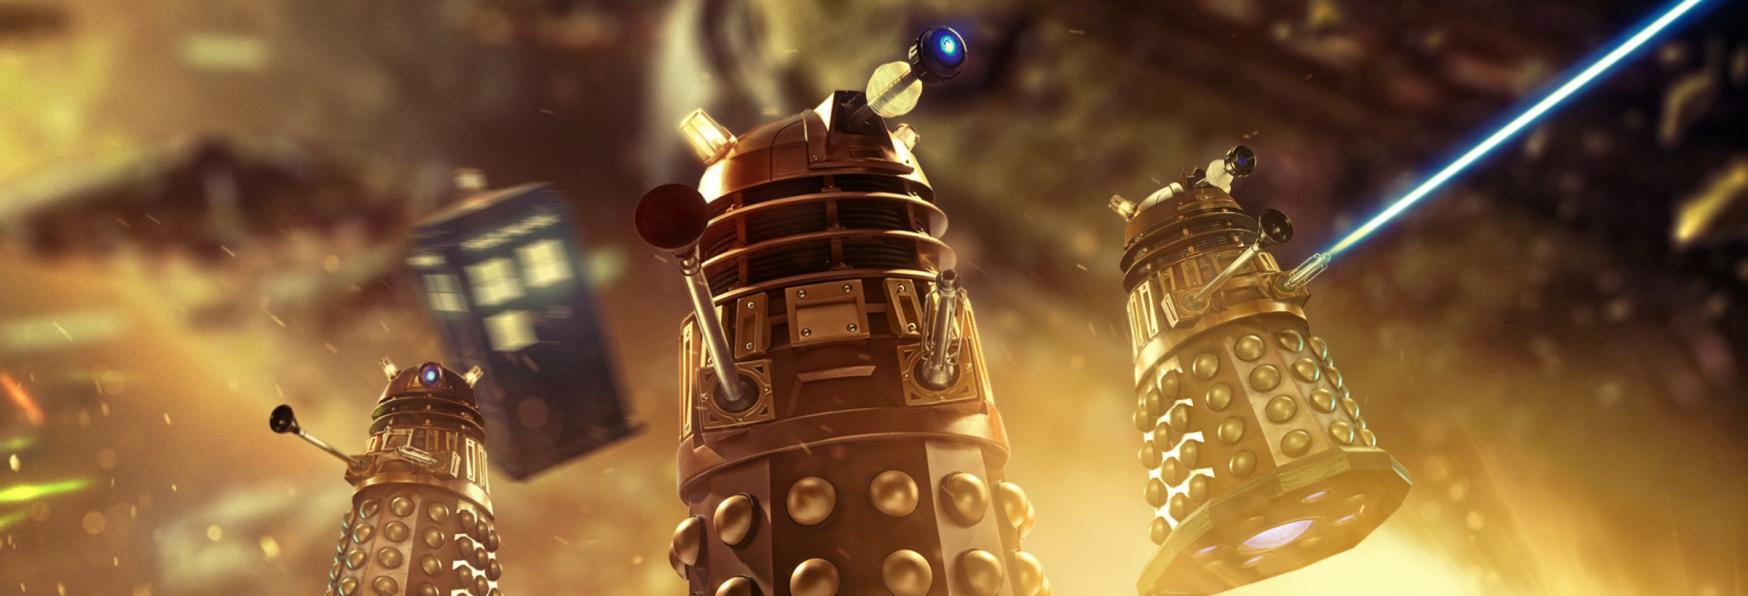 Doctor Who 12: in arrivo Domani il Trailer dell'Episodio Speciale Revolution of the Daleks